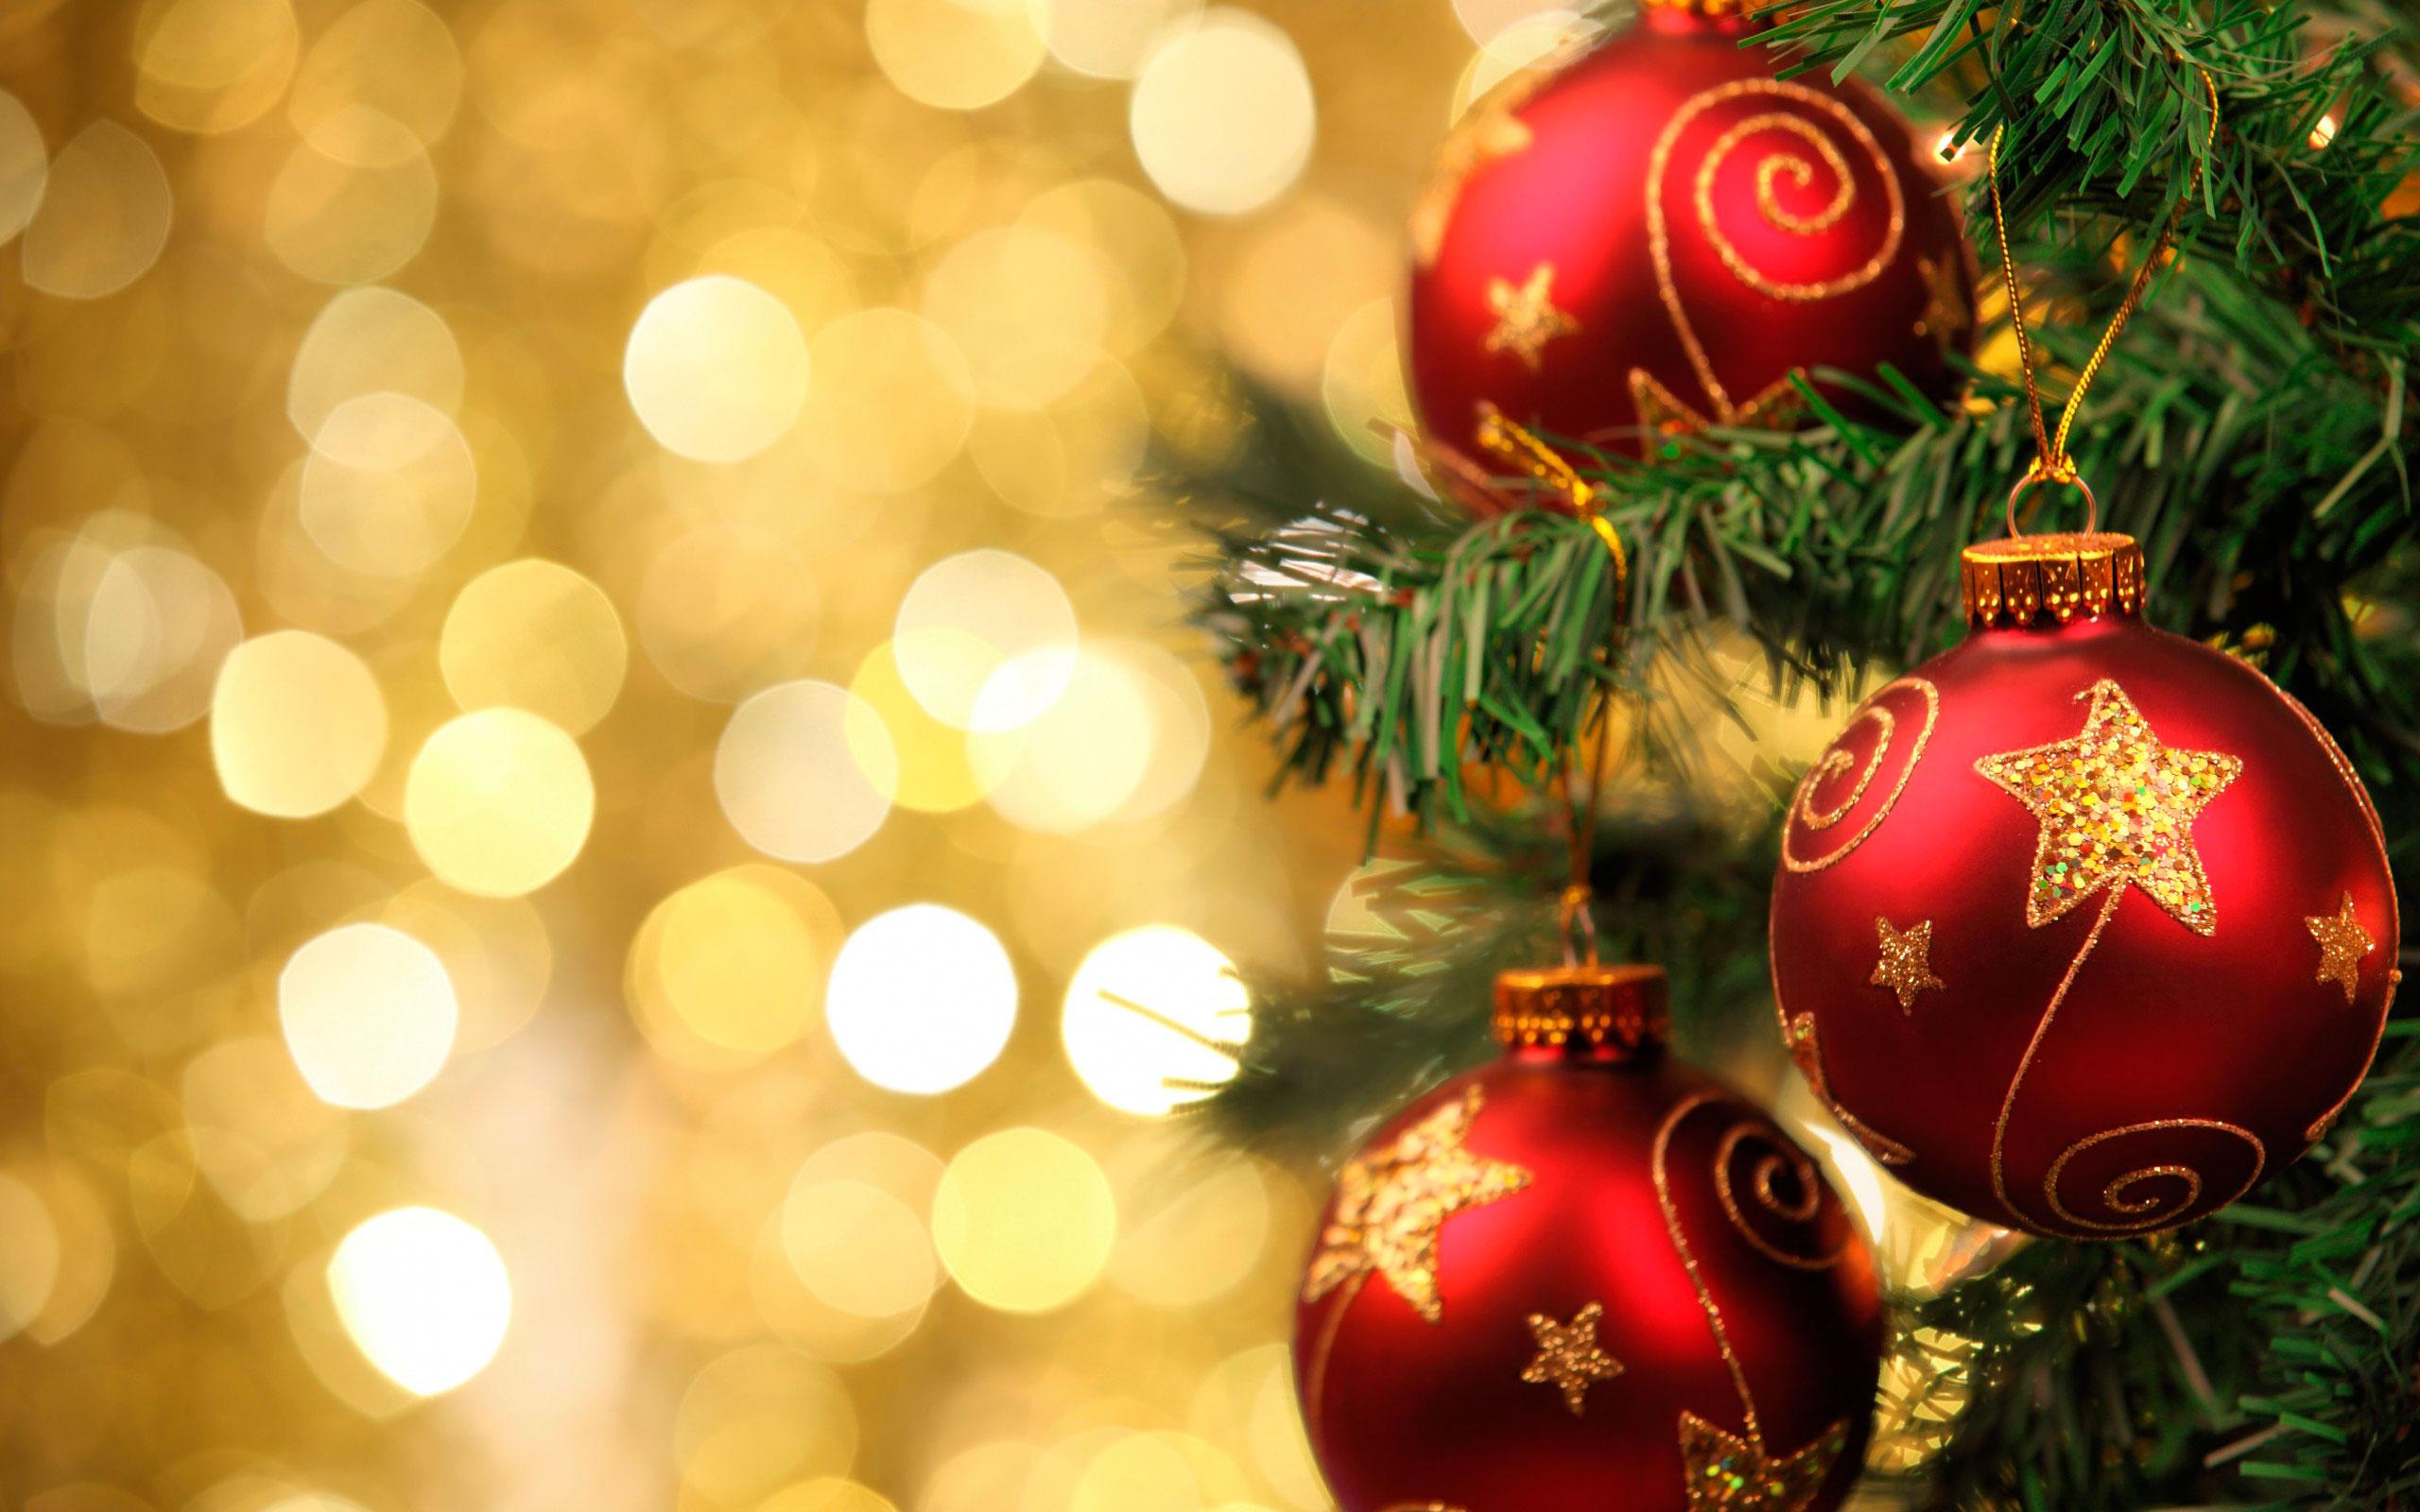 Рождество | Новый год - 2019 рекомендации